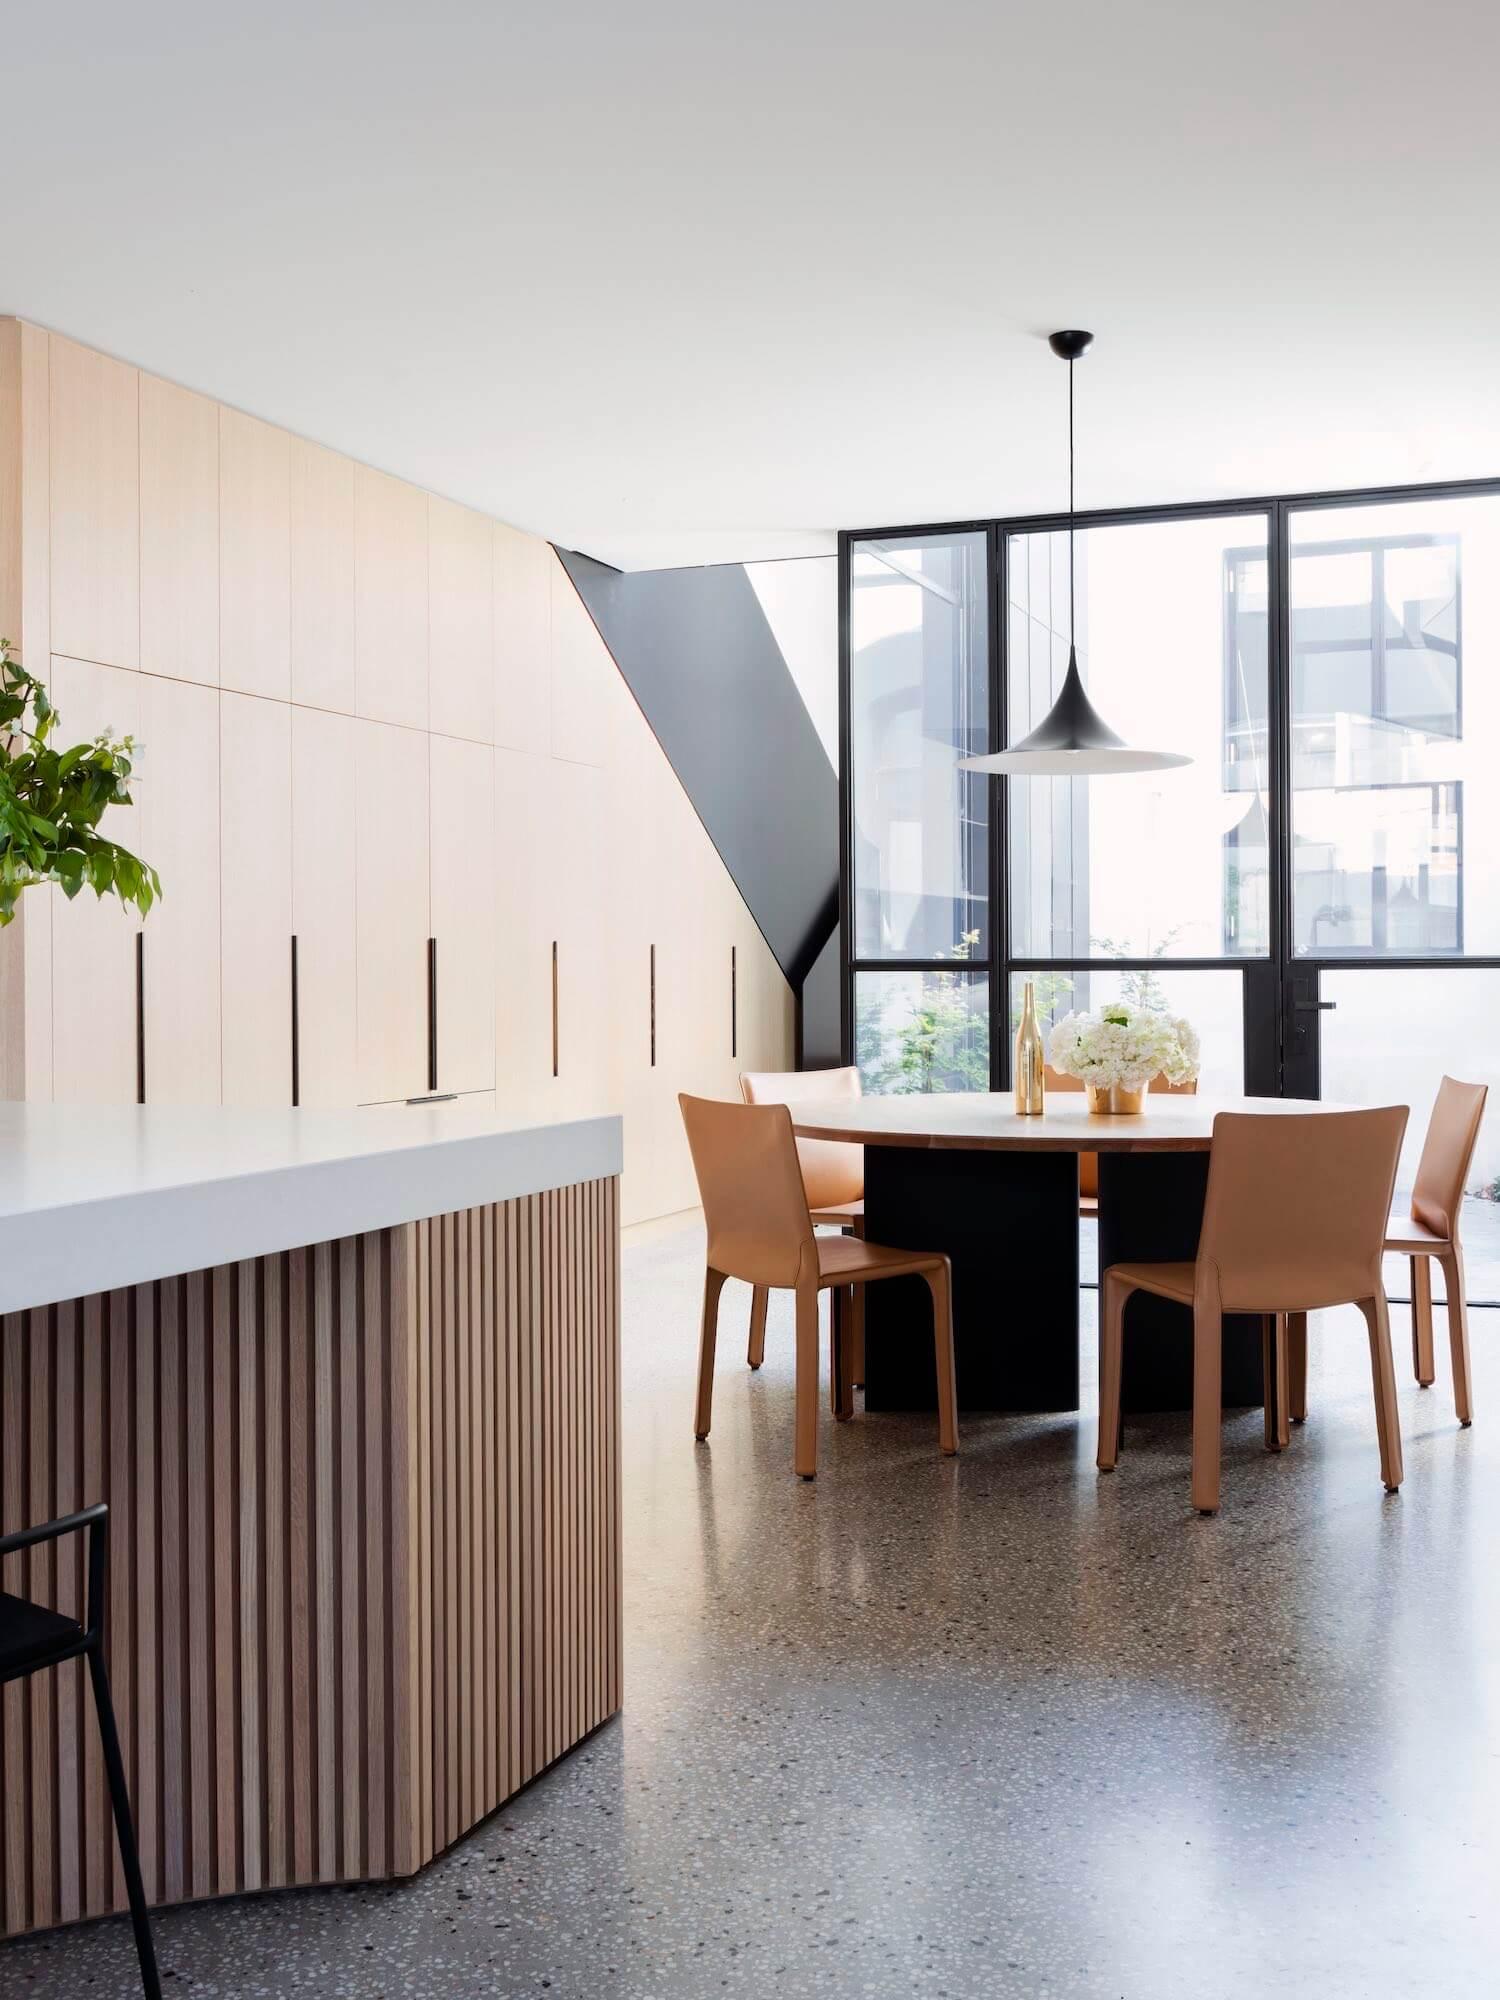 Est living port melbourne house pandolfini architects 12